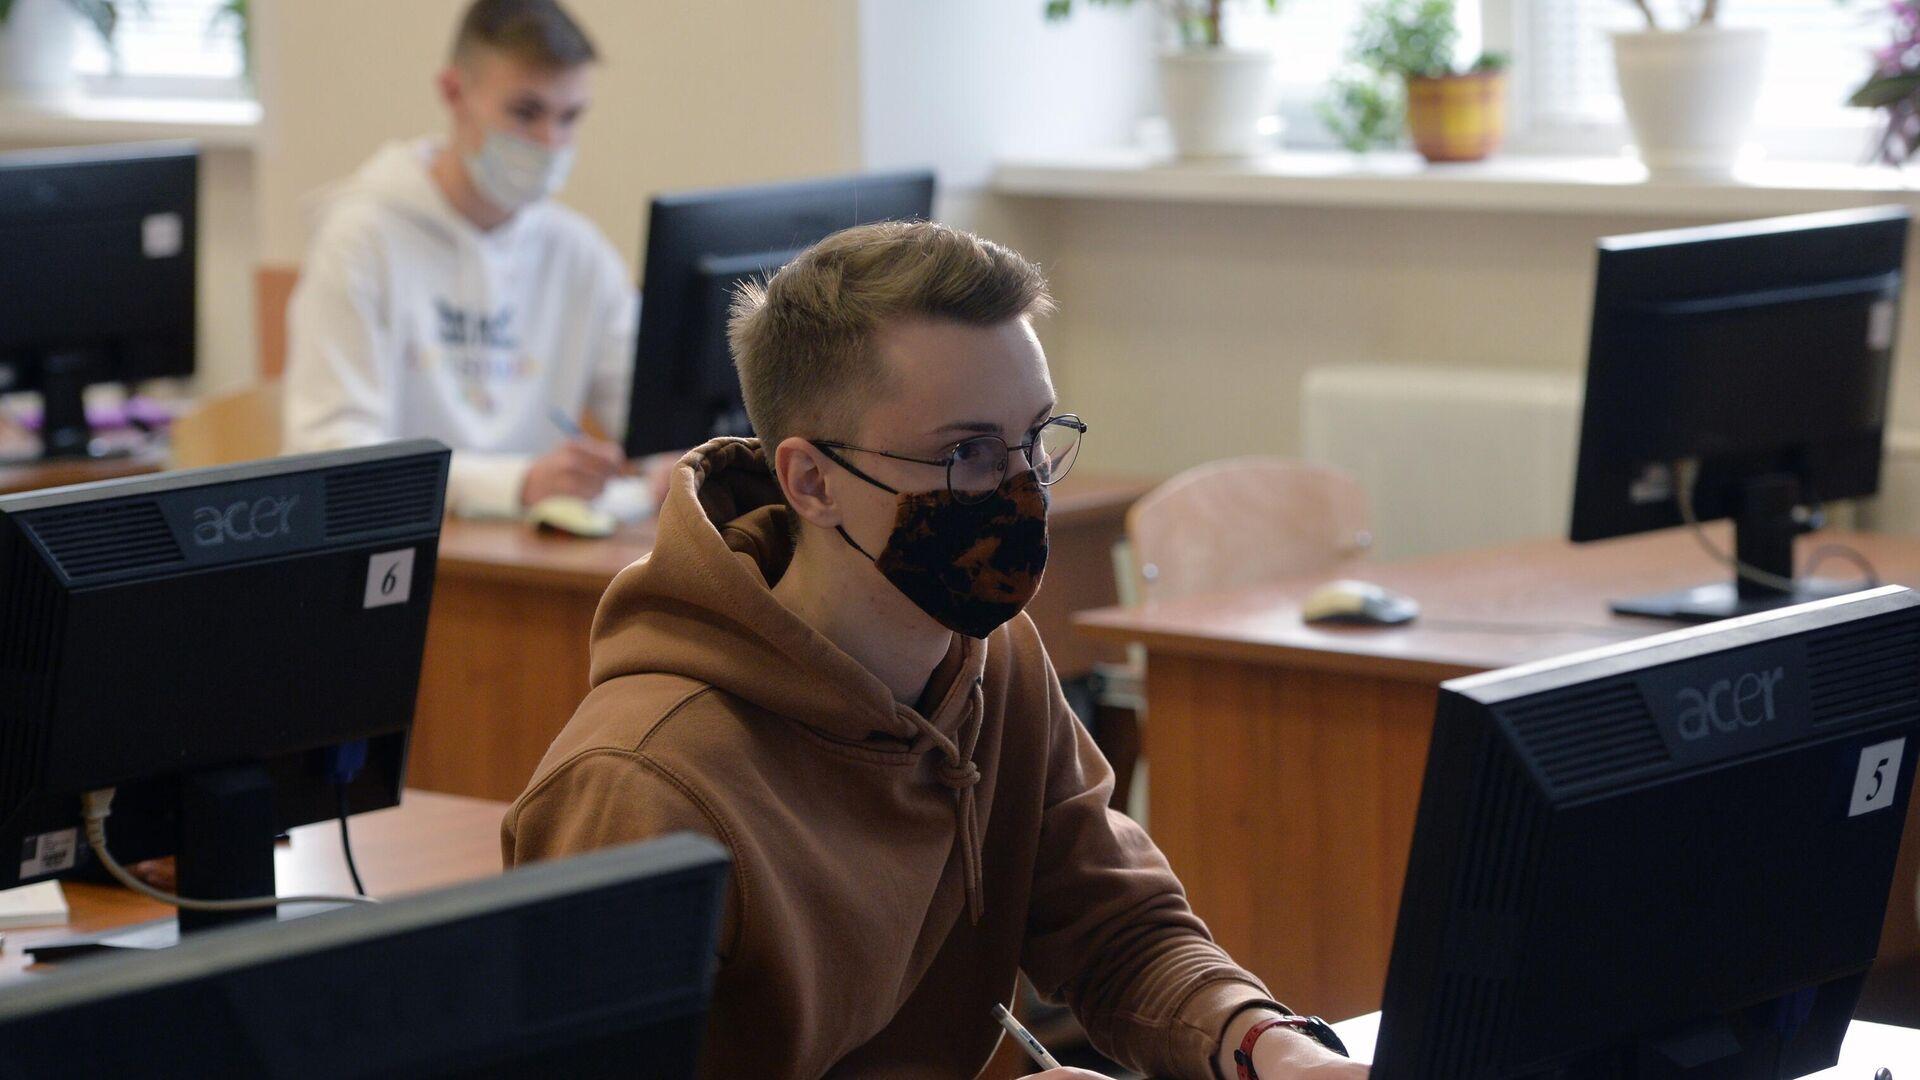 Студент Уральского федерального университета во время семинара в Екатеринбурге - РИА Новости, 1920, 30.10.2020